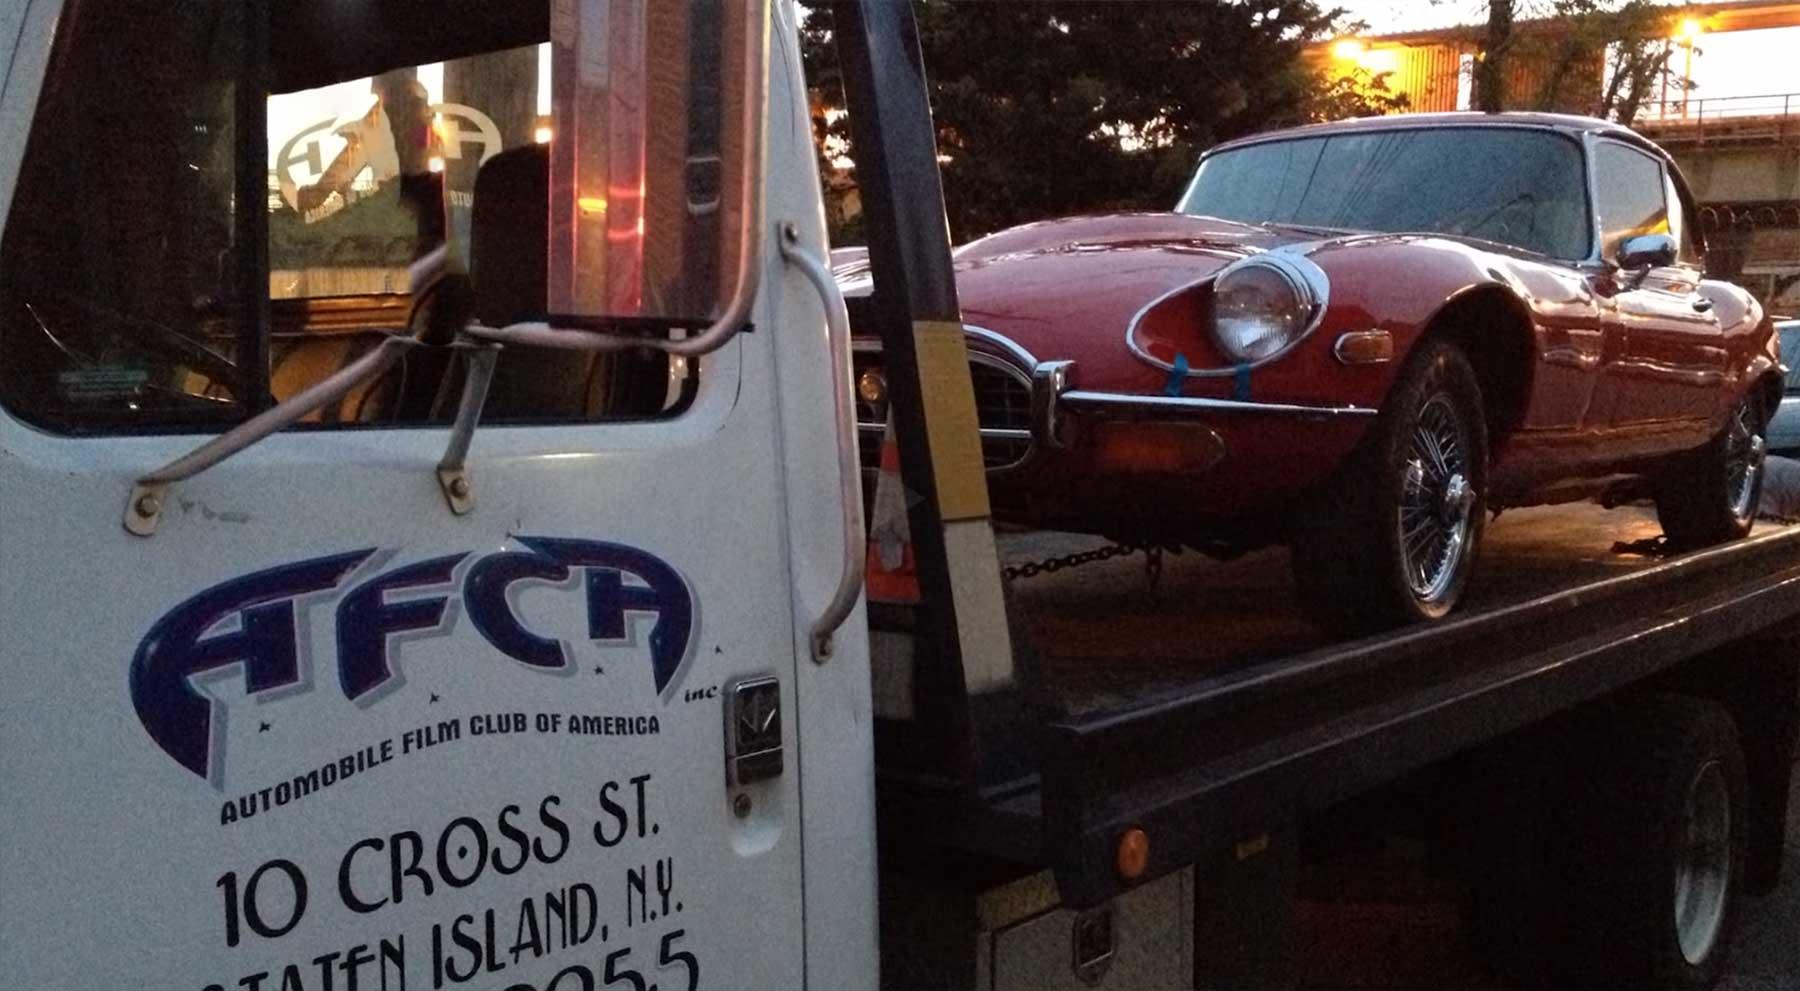 Der Auto Film Club besorgt Fahrzeuge für Film und Fernsehen auto-film-club-requisiten-fahrzeuge